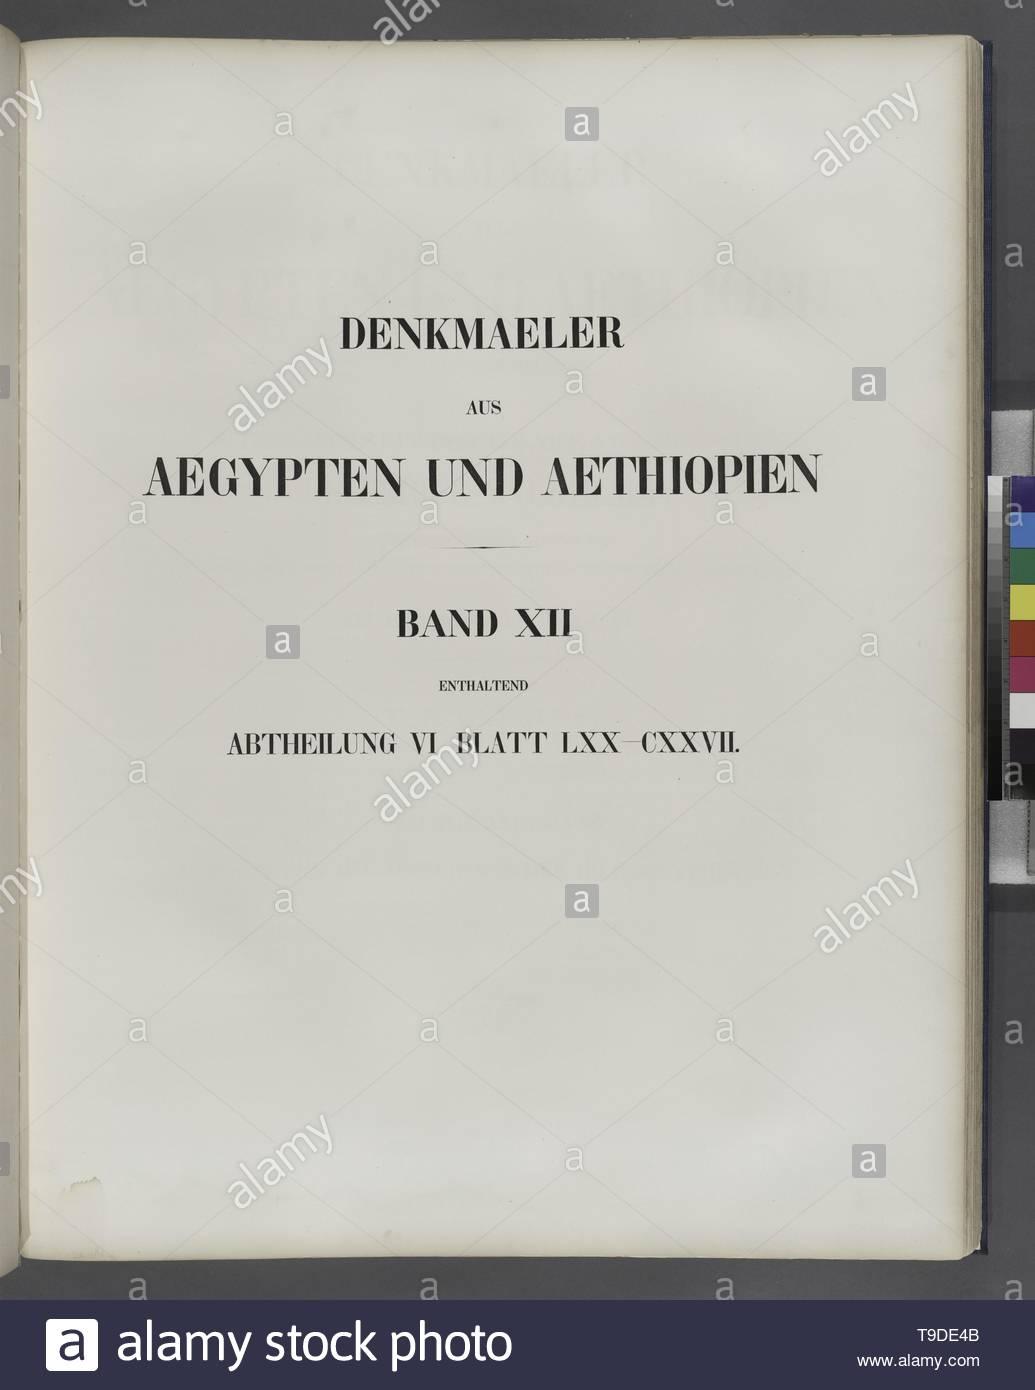 Lepsius,Richard,1810-1884-Title page] Denkmaeler aus Aegypten und Aethiopien  Band XII enthaltend Abtheilung VI Blatt LXX-CXXVII [70-127] - Stock Image